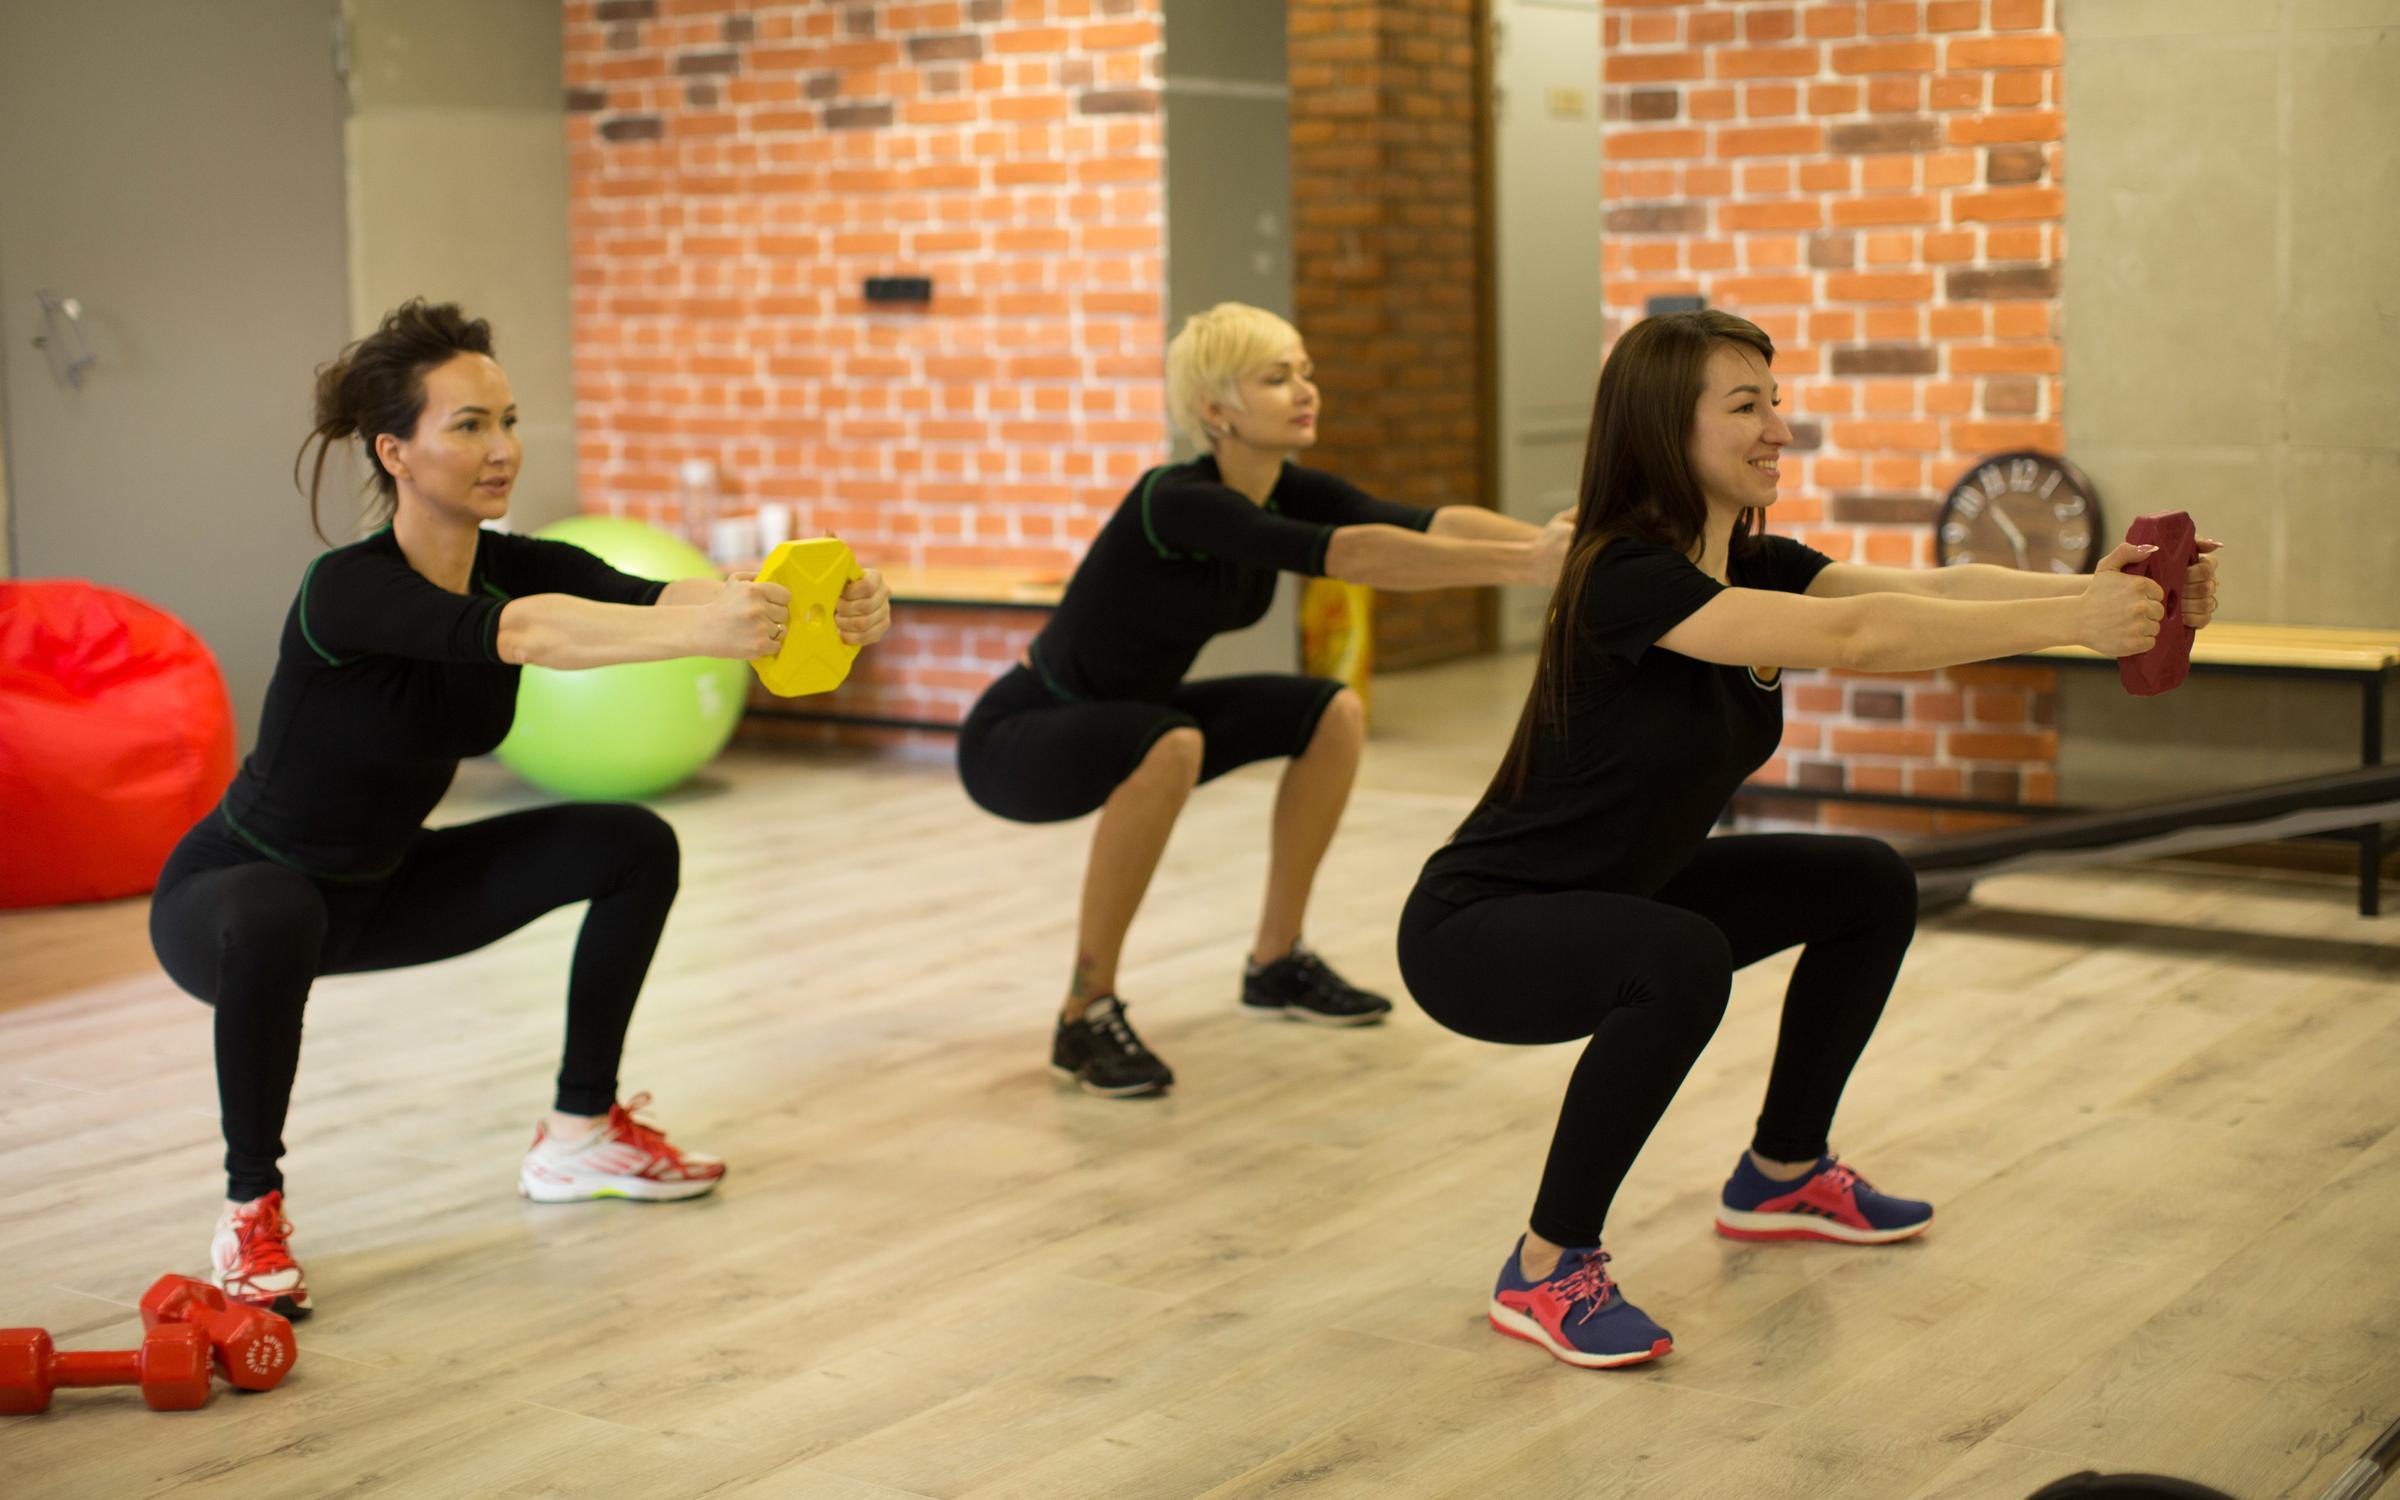 фотография Студия современного фитнеса Time Fitness на Татарской улице